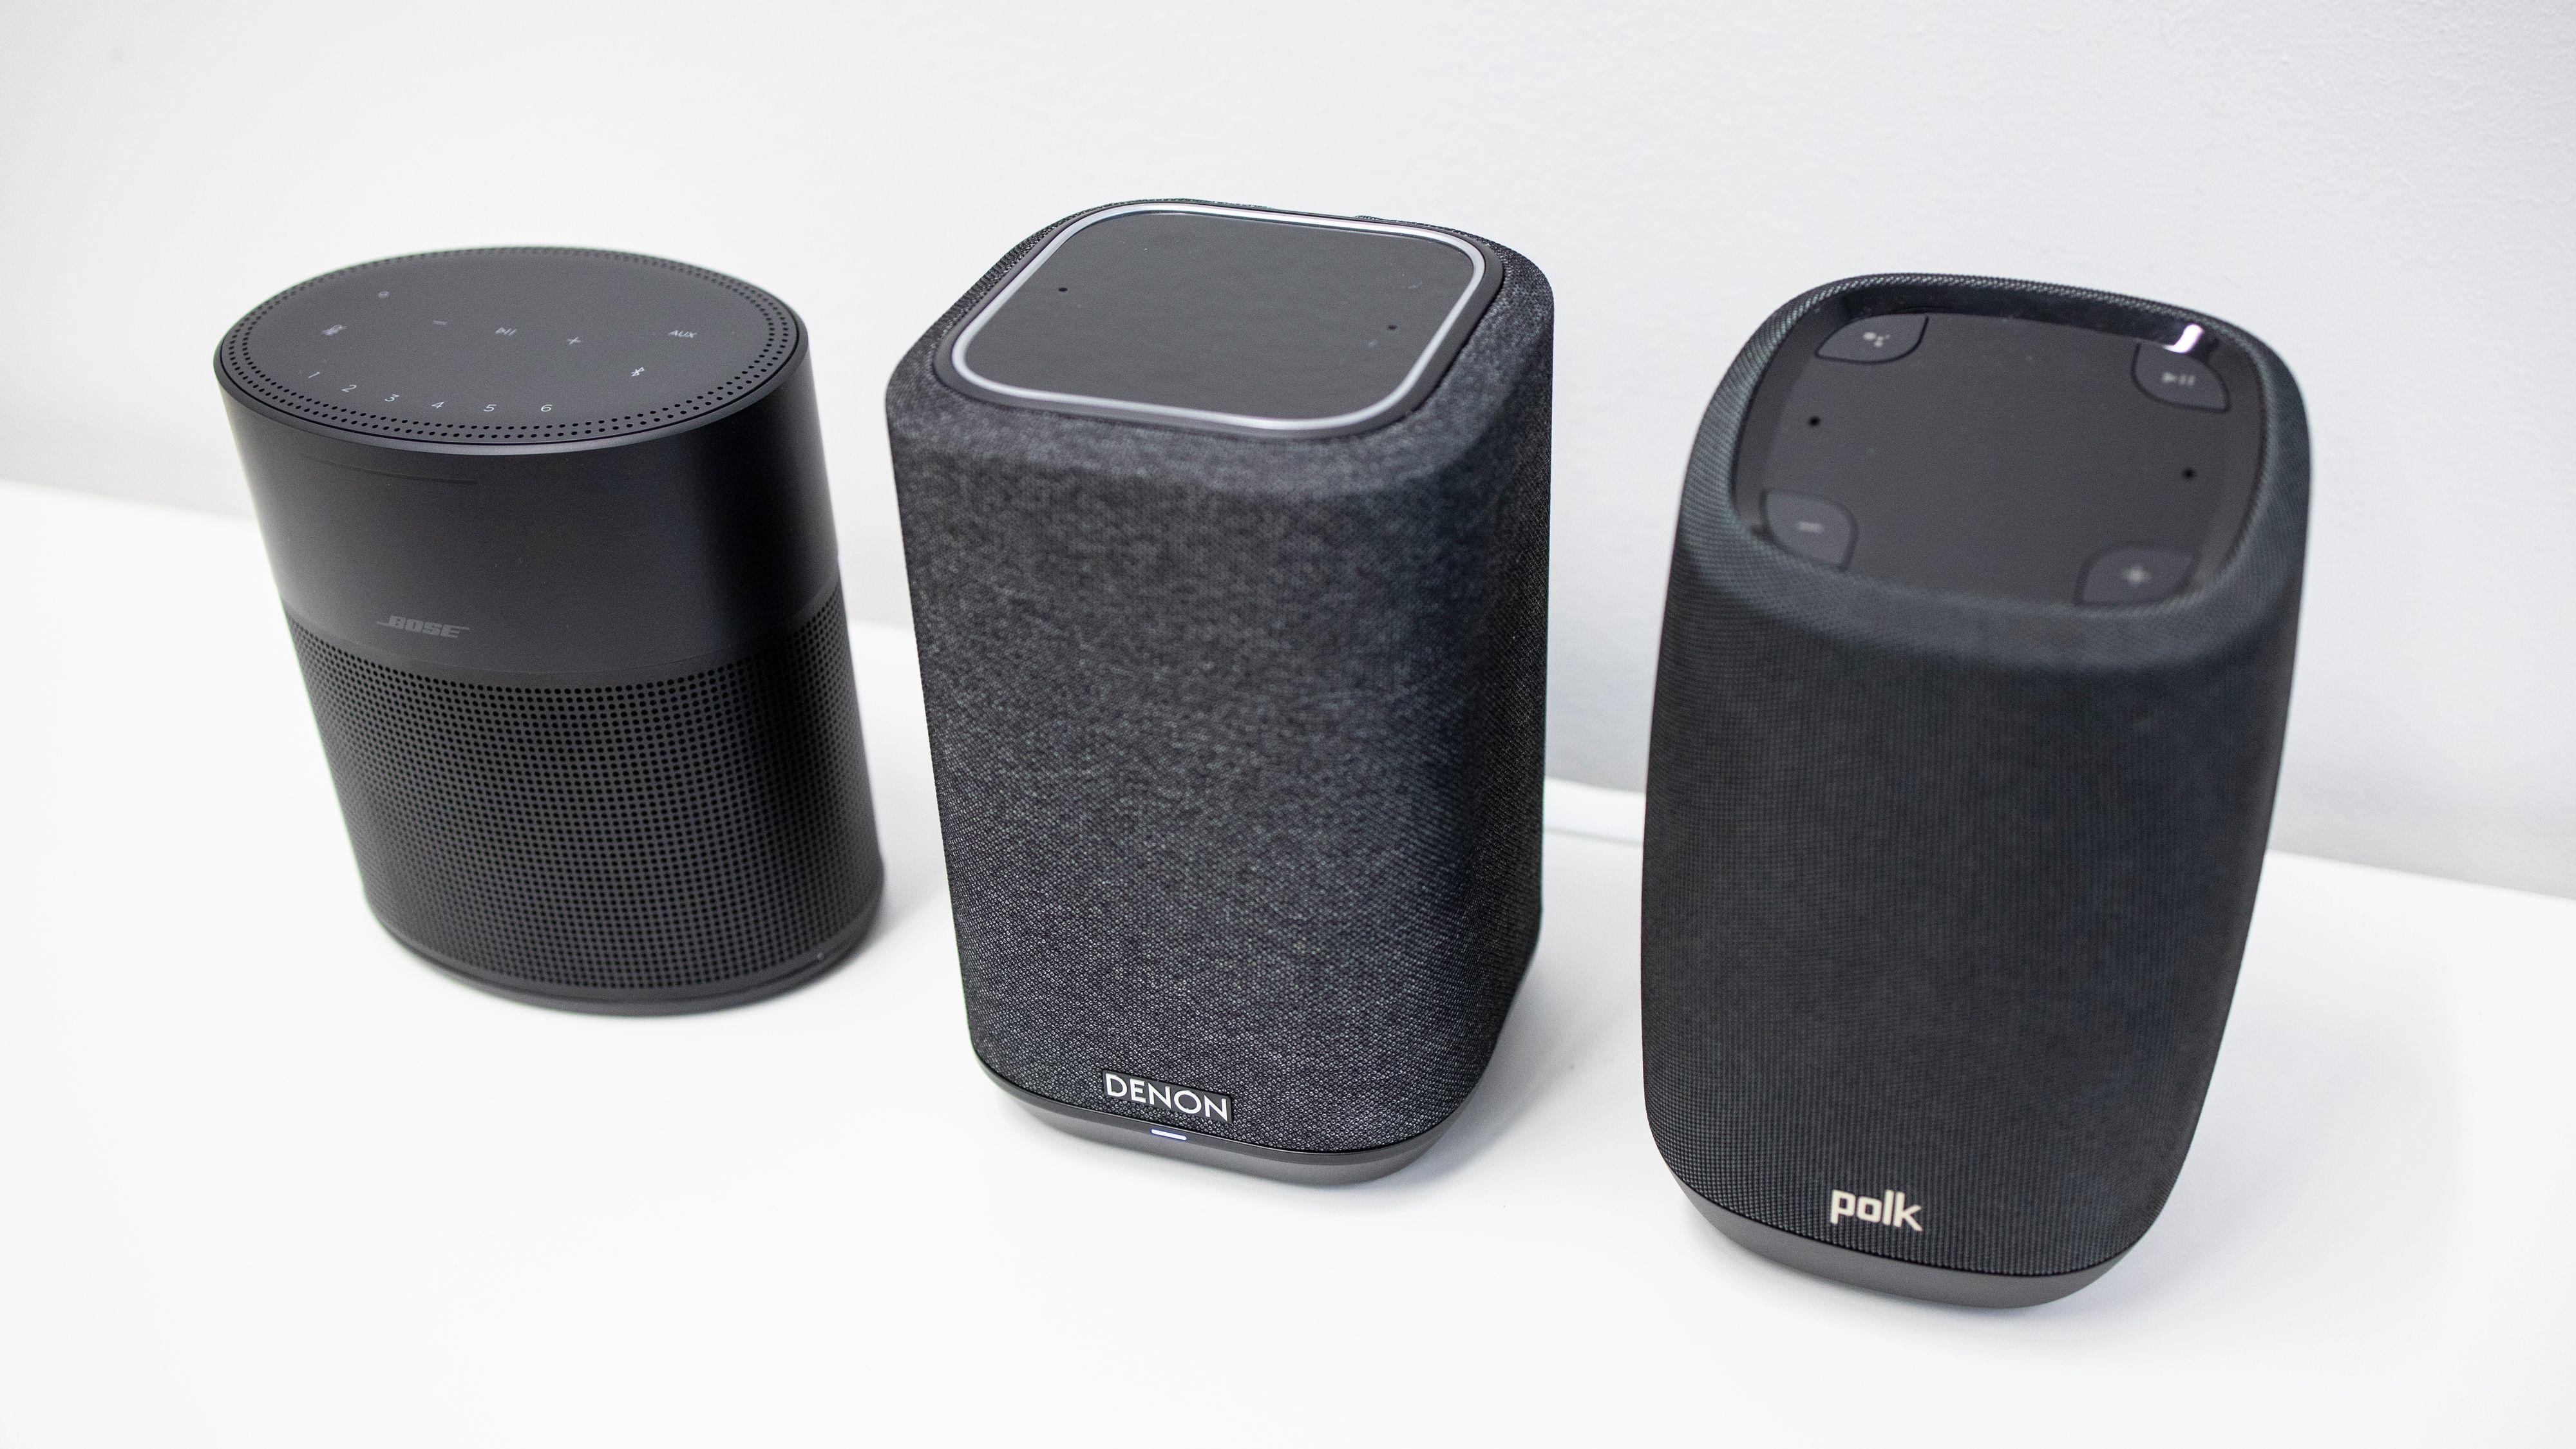 Denon Home 150 (i midten) sammen med Bose Home Speaker 300 og Polk Assist, to andre wifi-høyttalere omtrent i samme prisklasse.